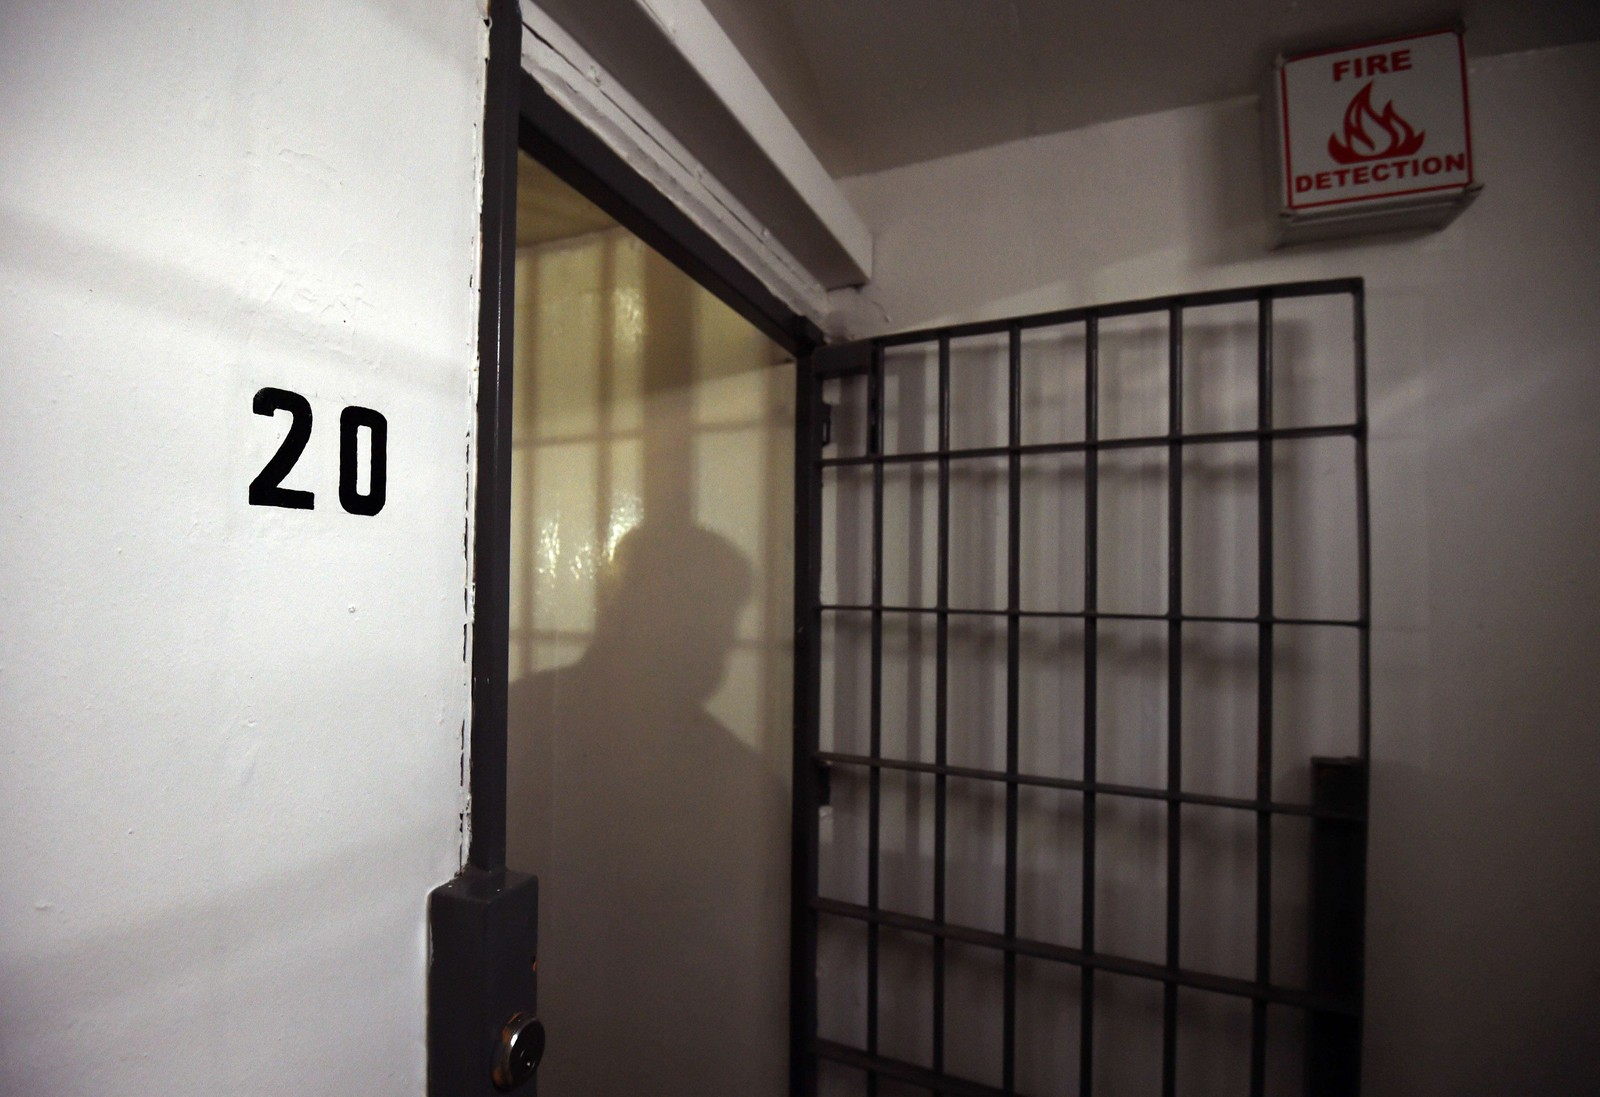 Guzman bodde i celle nummer 20, der han ble overvåket døgnet rundt.